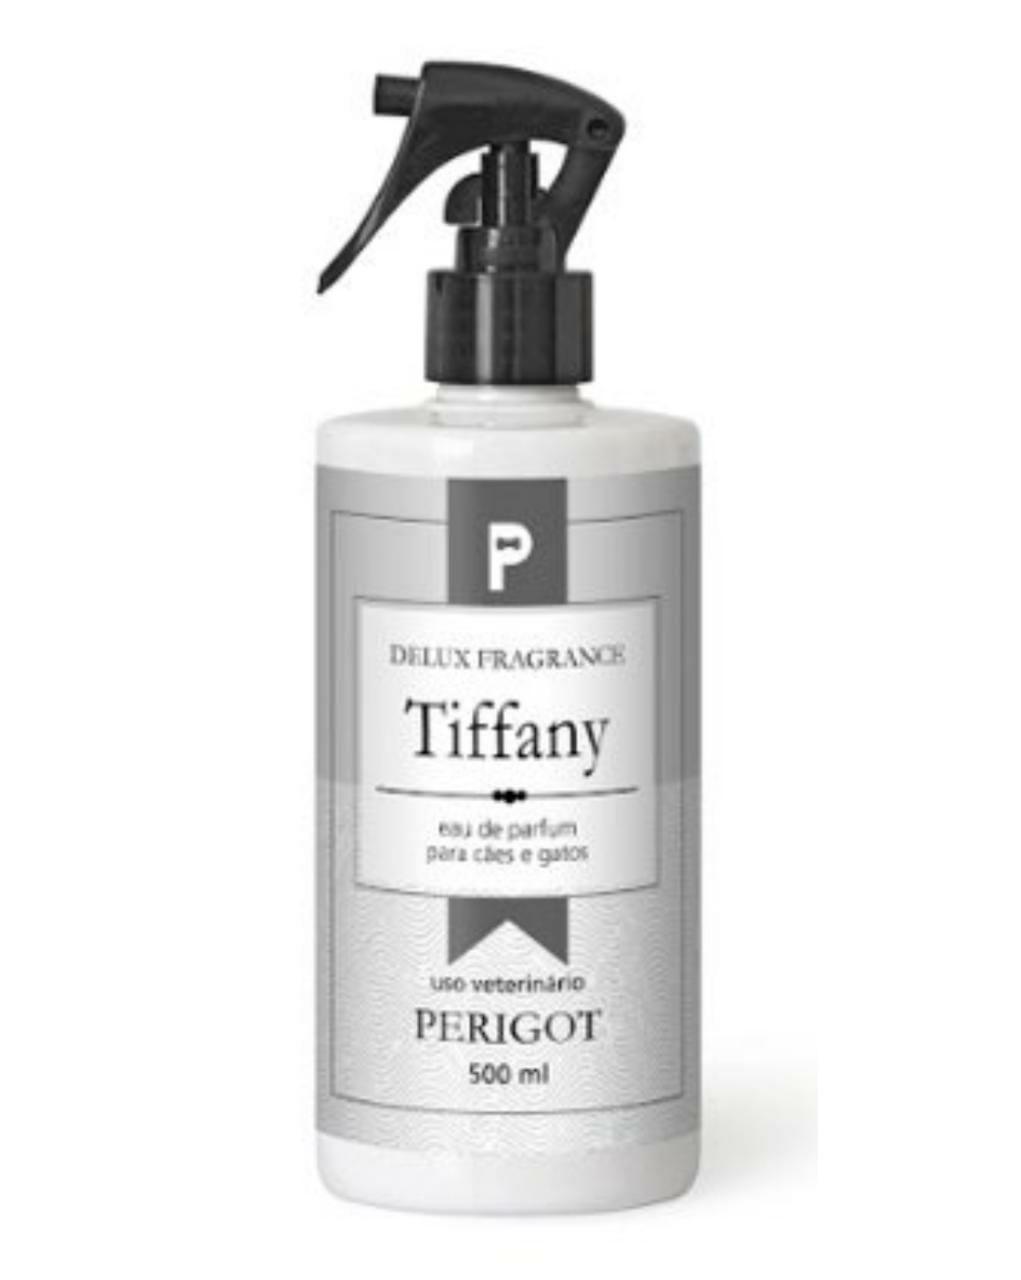 Colônia Tiffany 500 ml